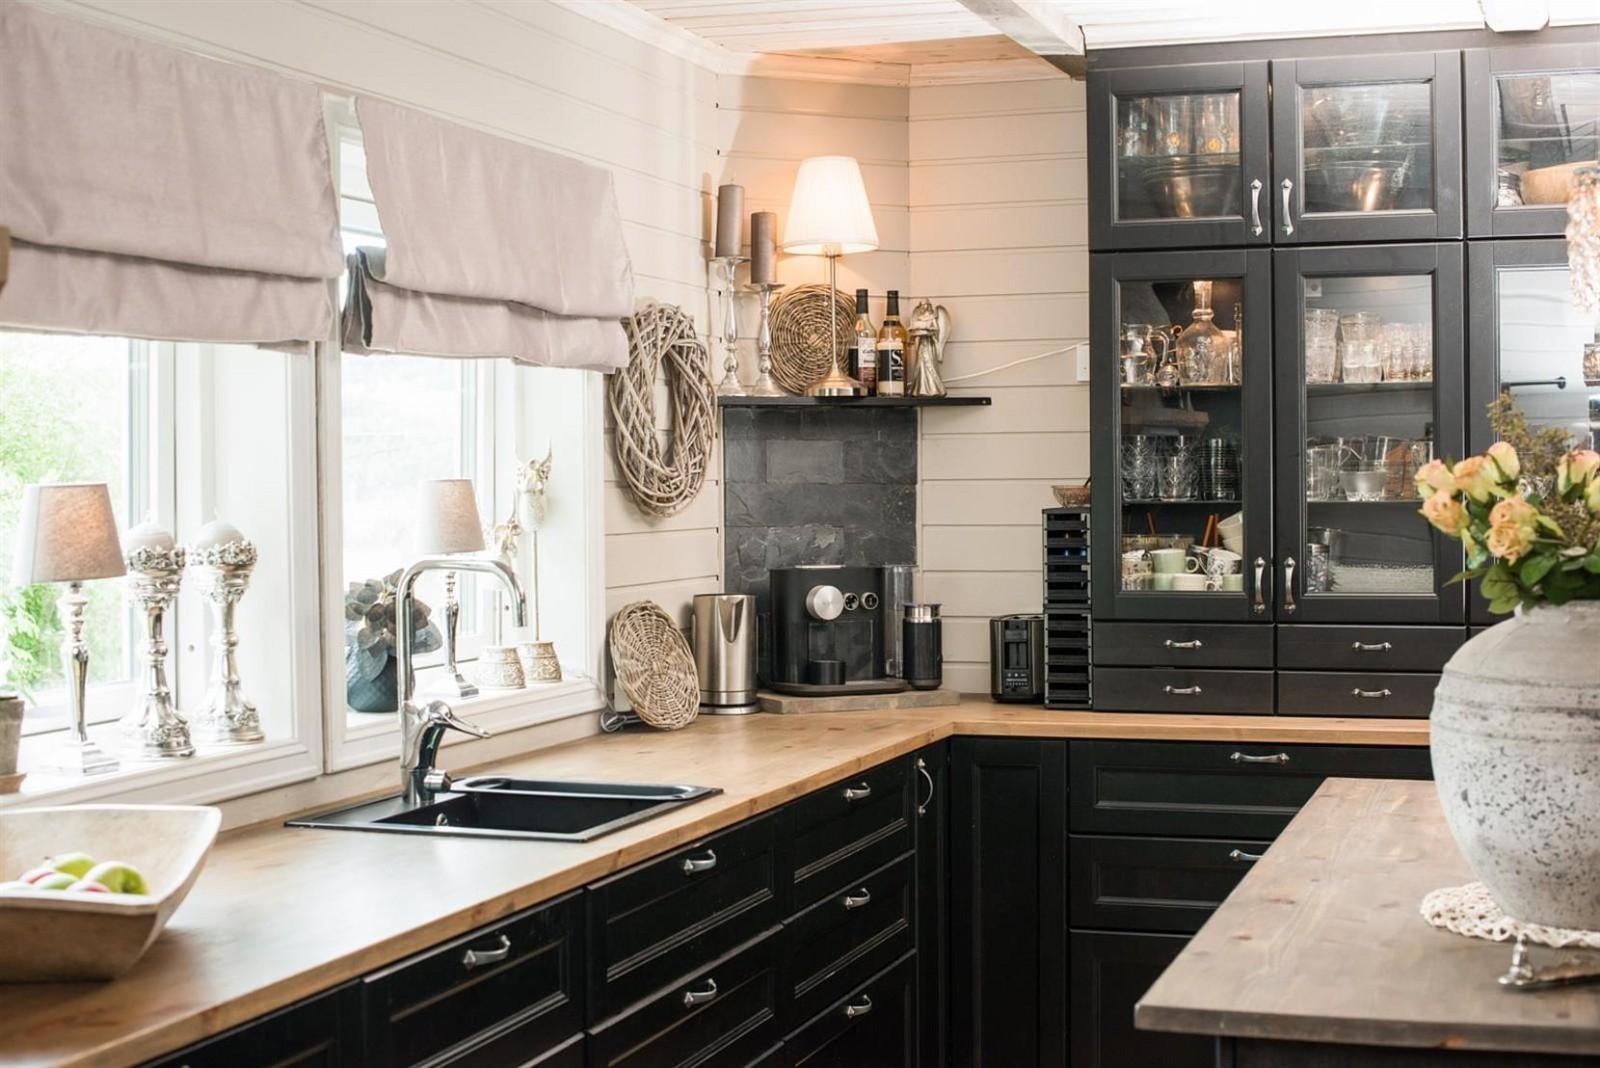 кухня окно столешница мойка смеситель темные фасады сервант